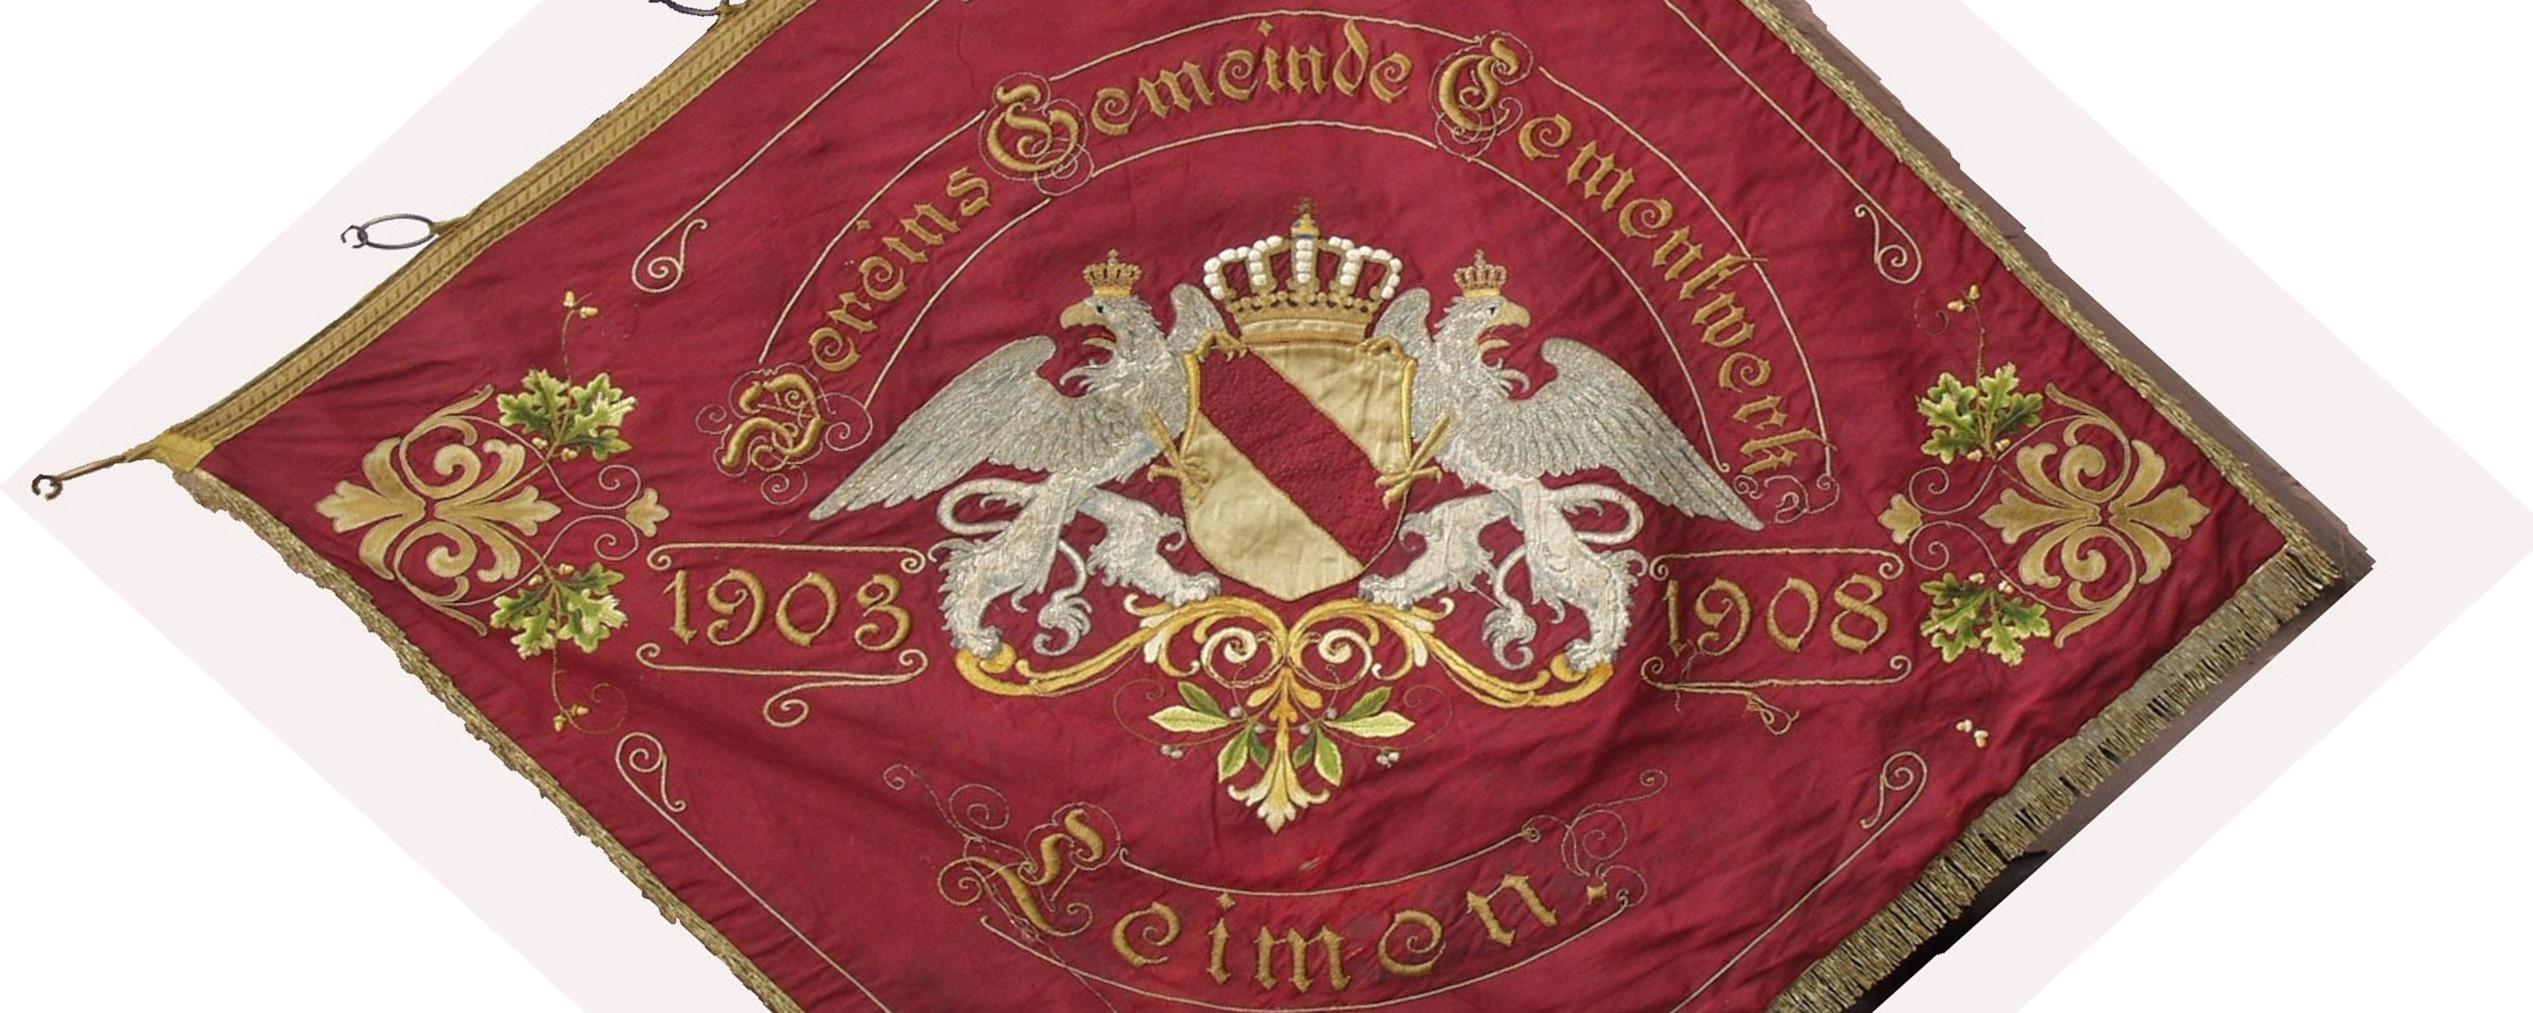 Saengerbund der Vereinsgemeinde Leimen